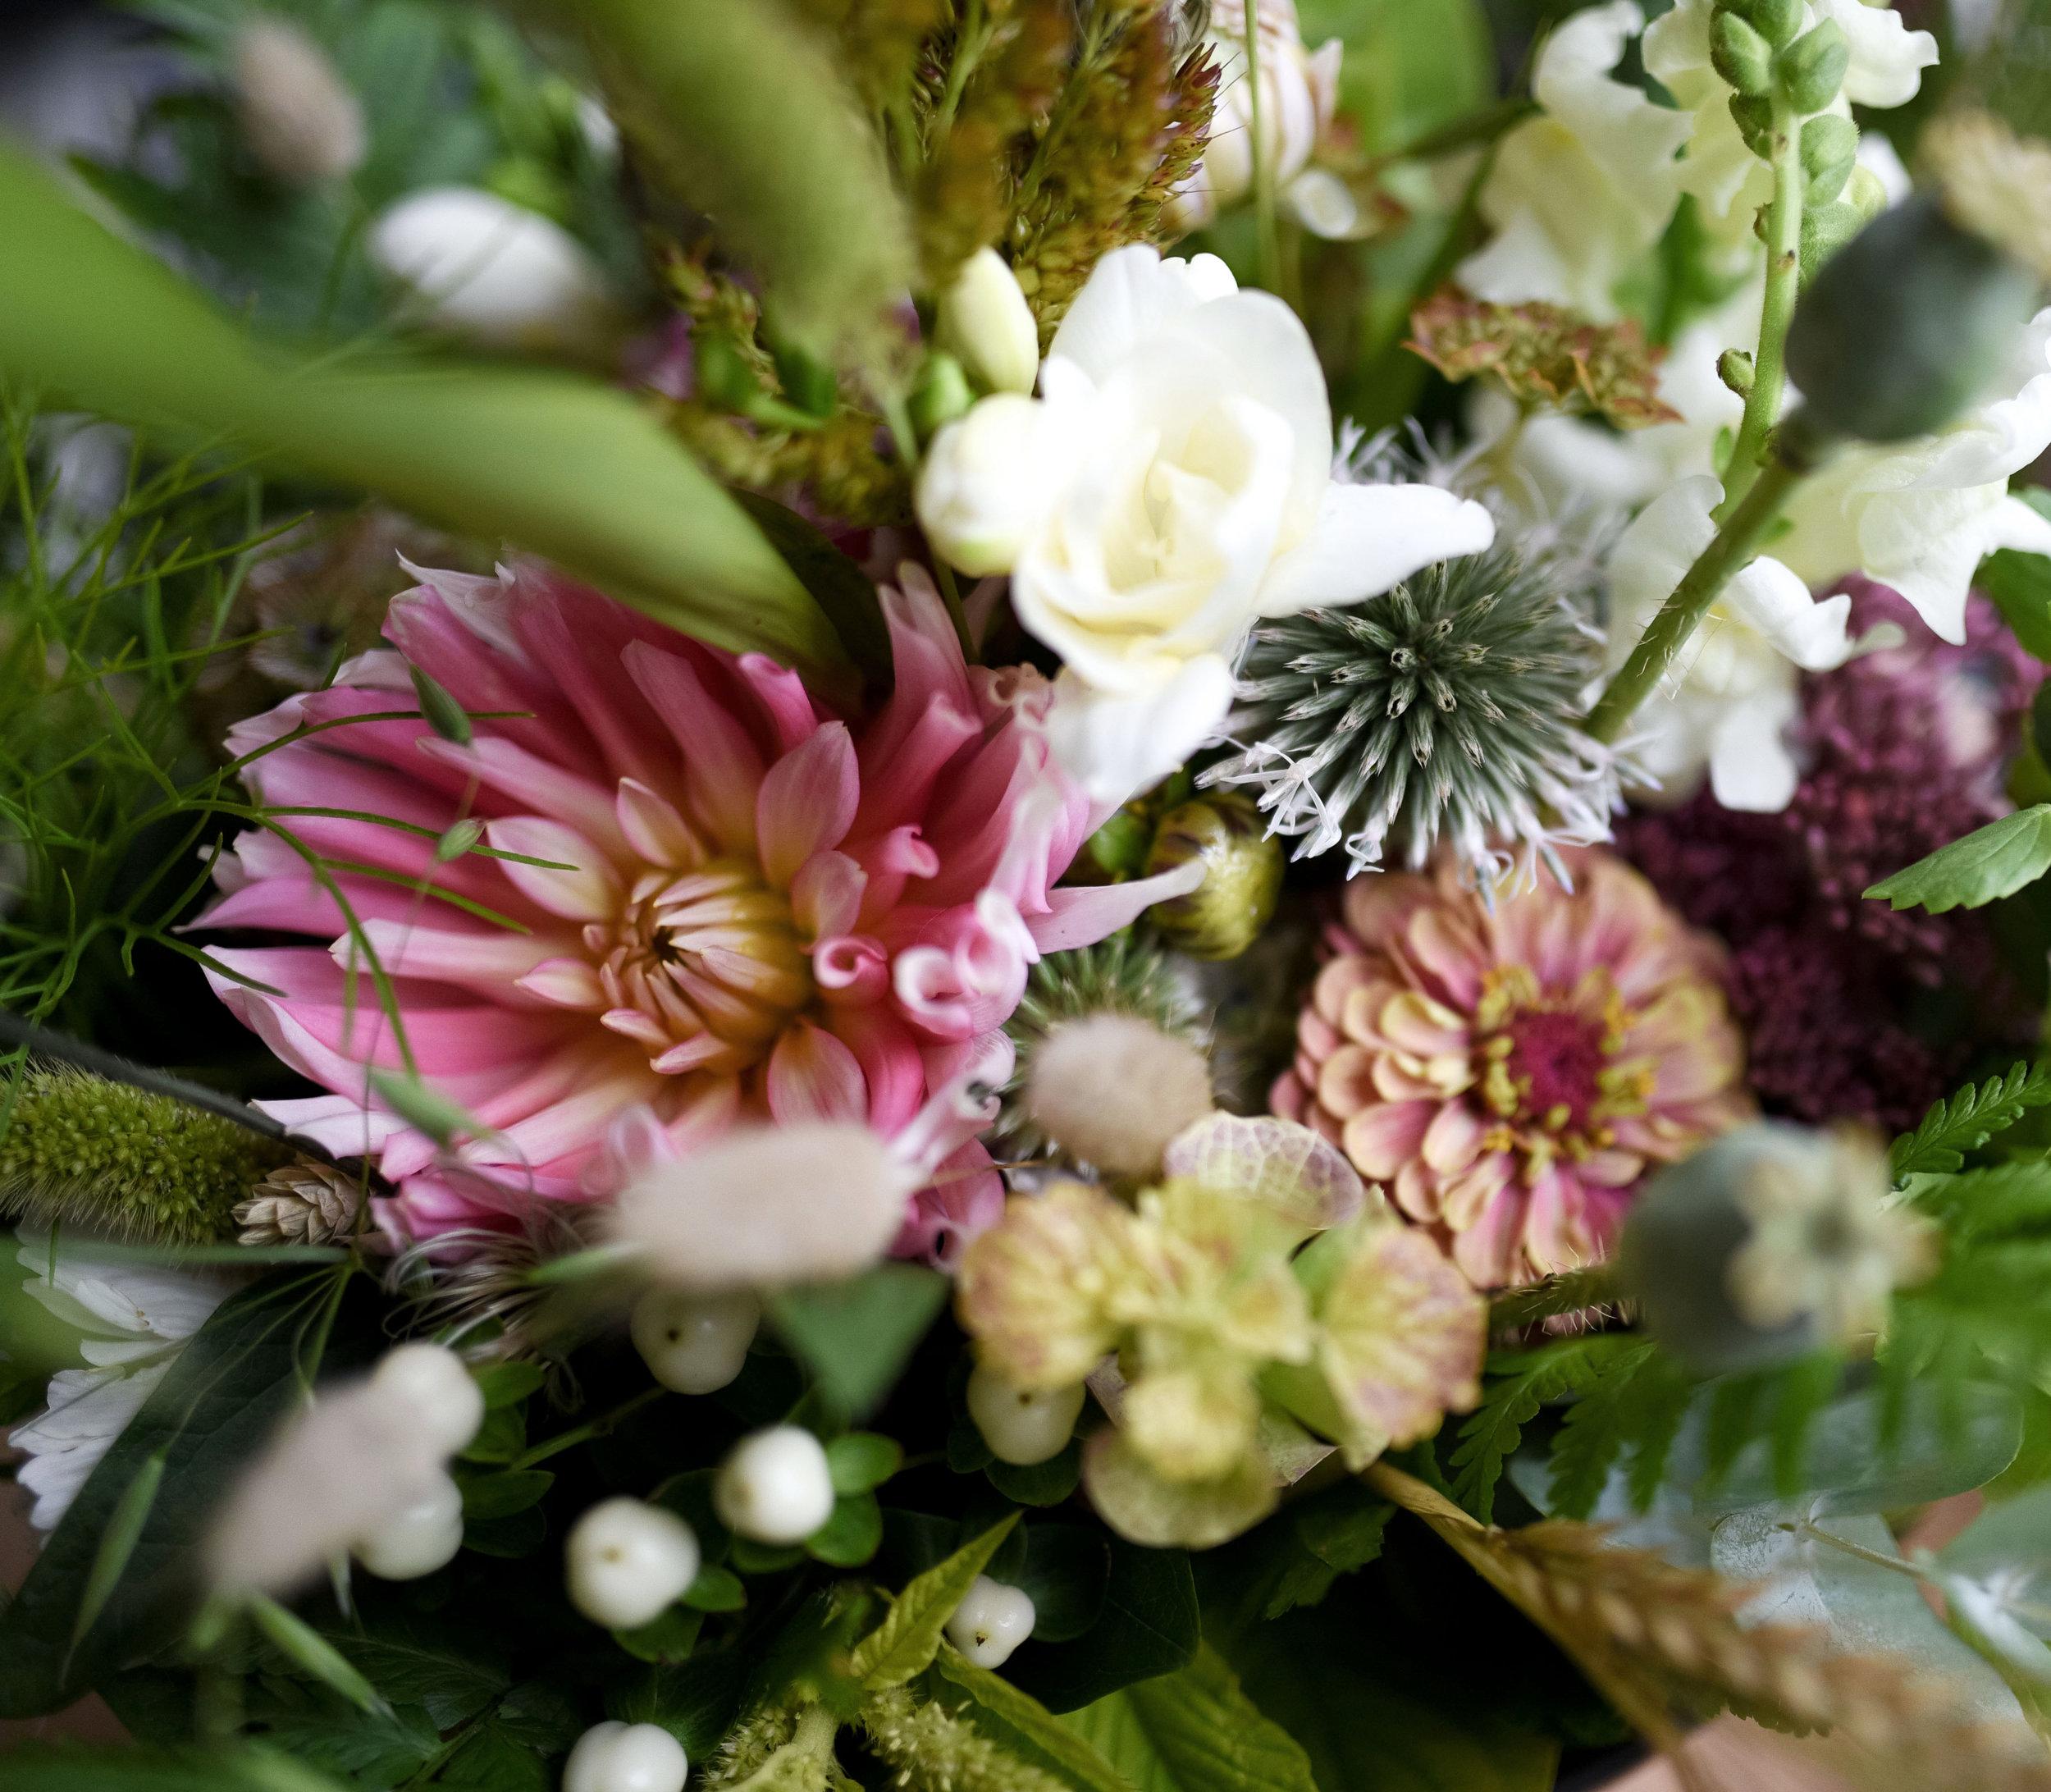 HJ_Bröllop2019_Bästa_Bilderna_Lågkvall-6787.jpg